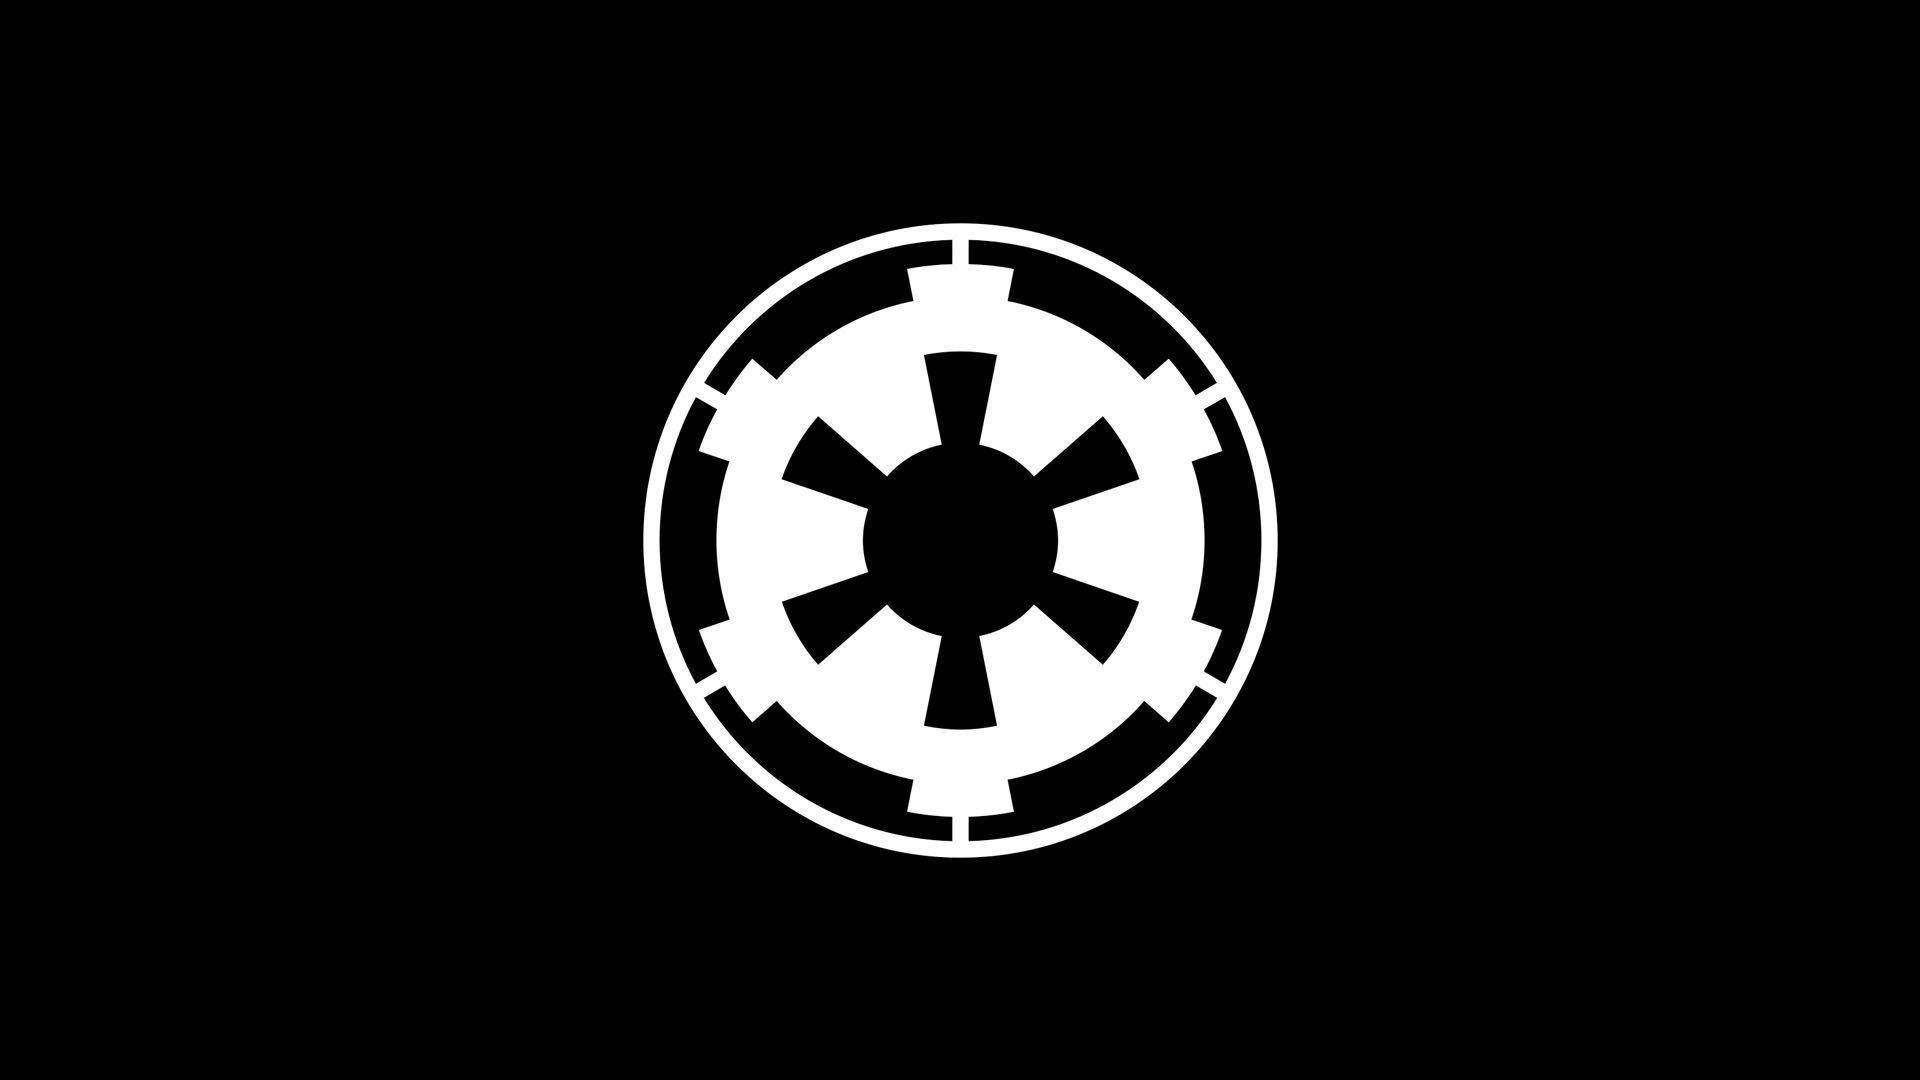 Epingle Sur Recopilaciones Star Wars Y Otros